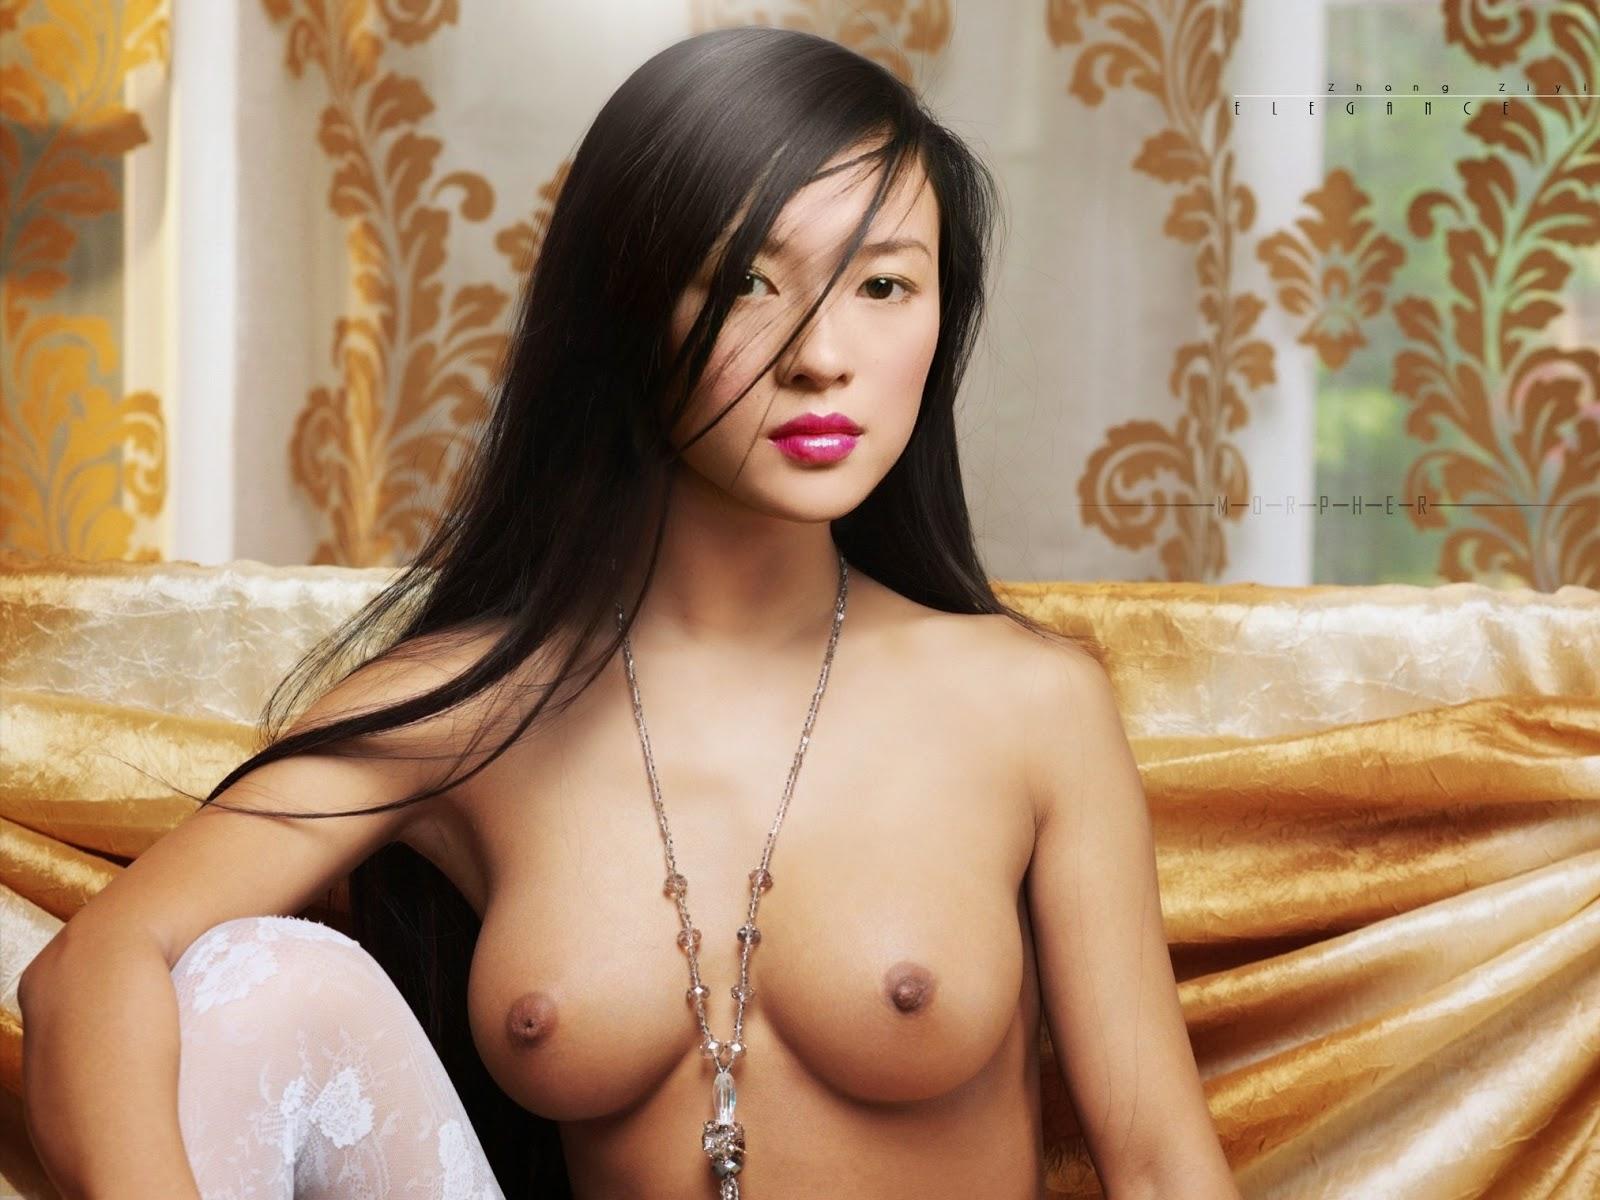 hollywood actress porn photos